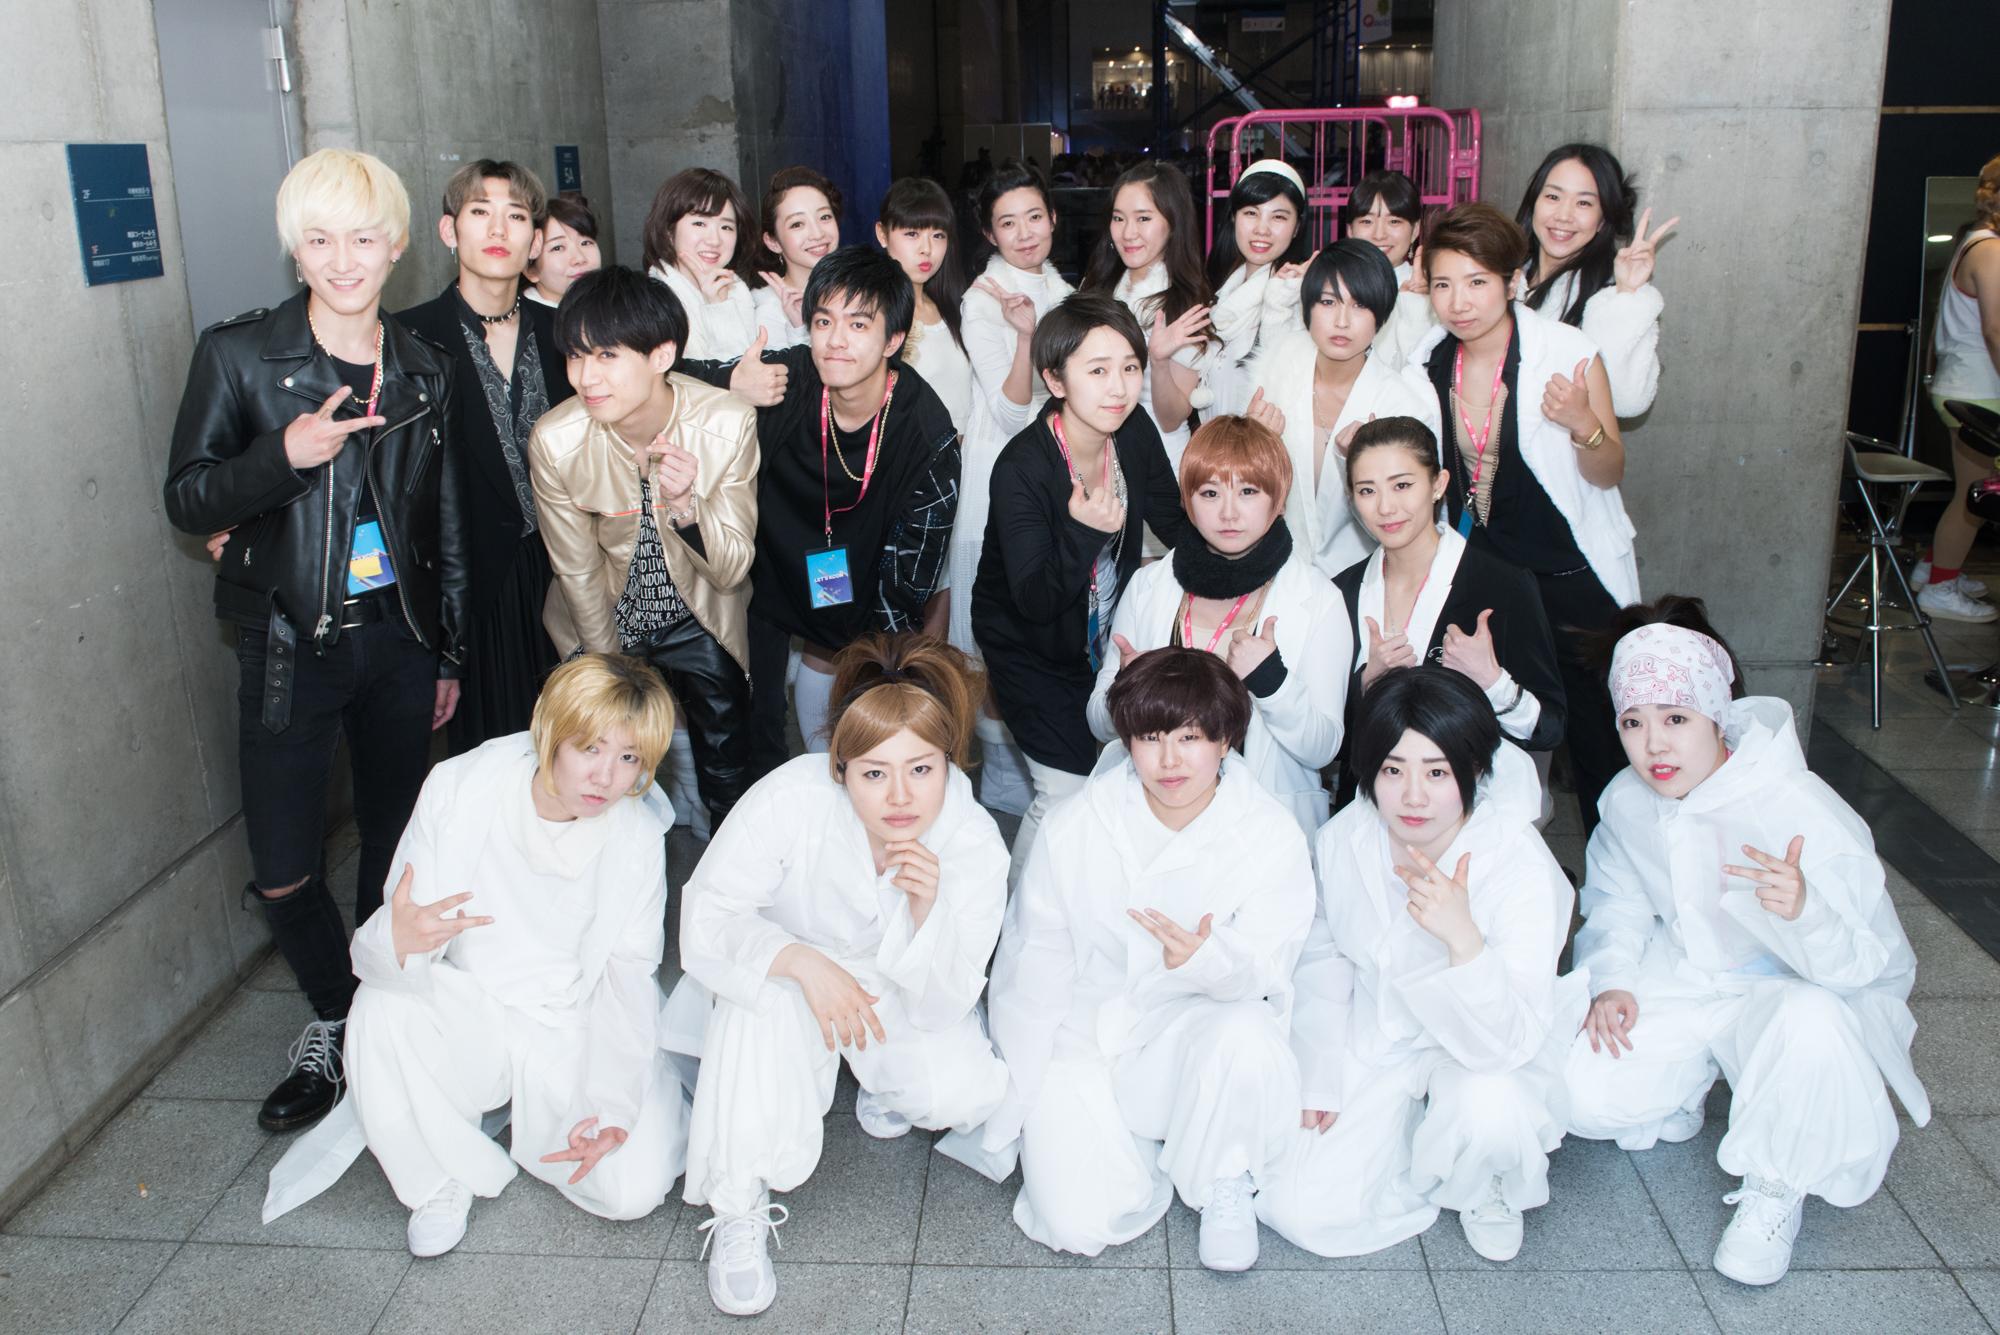 21日(日) SM entertainment所属アーティストカバーグループ集合写真